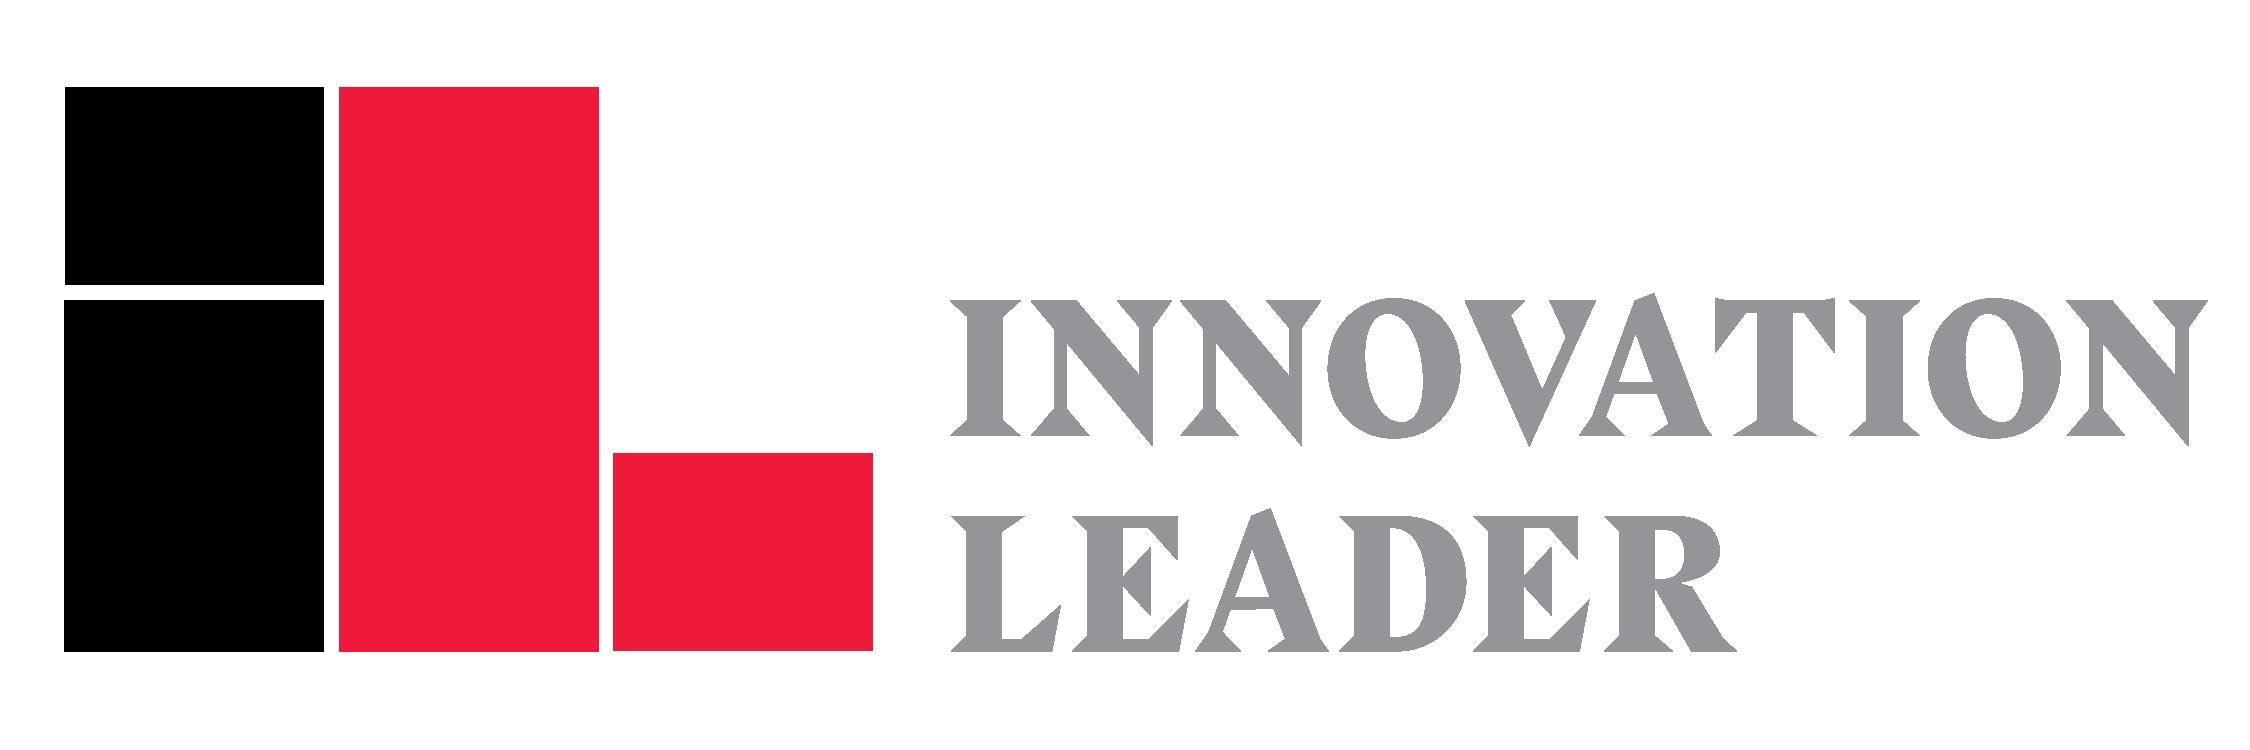 Running HighPerformance Innovation Labs